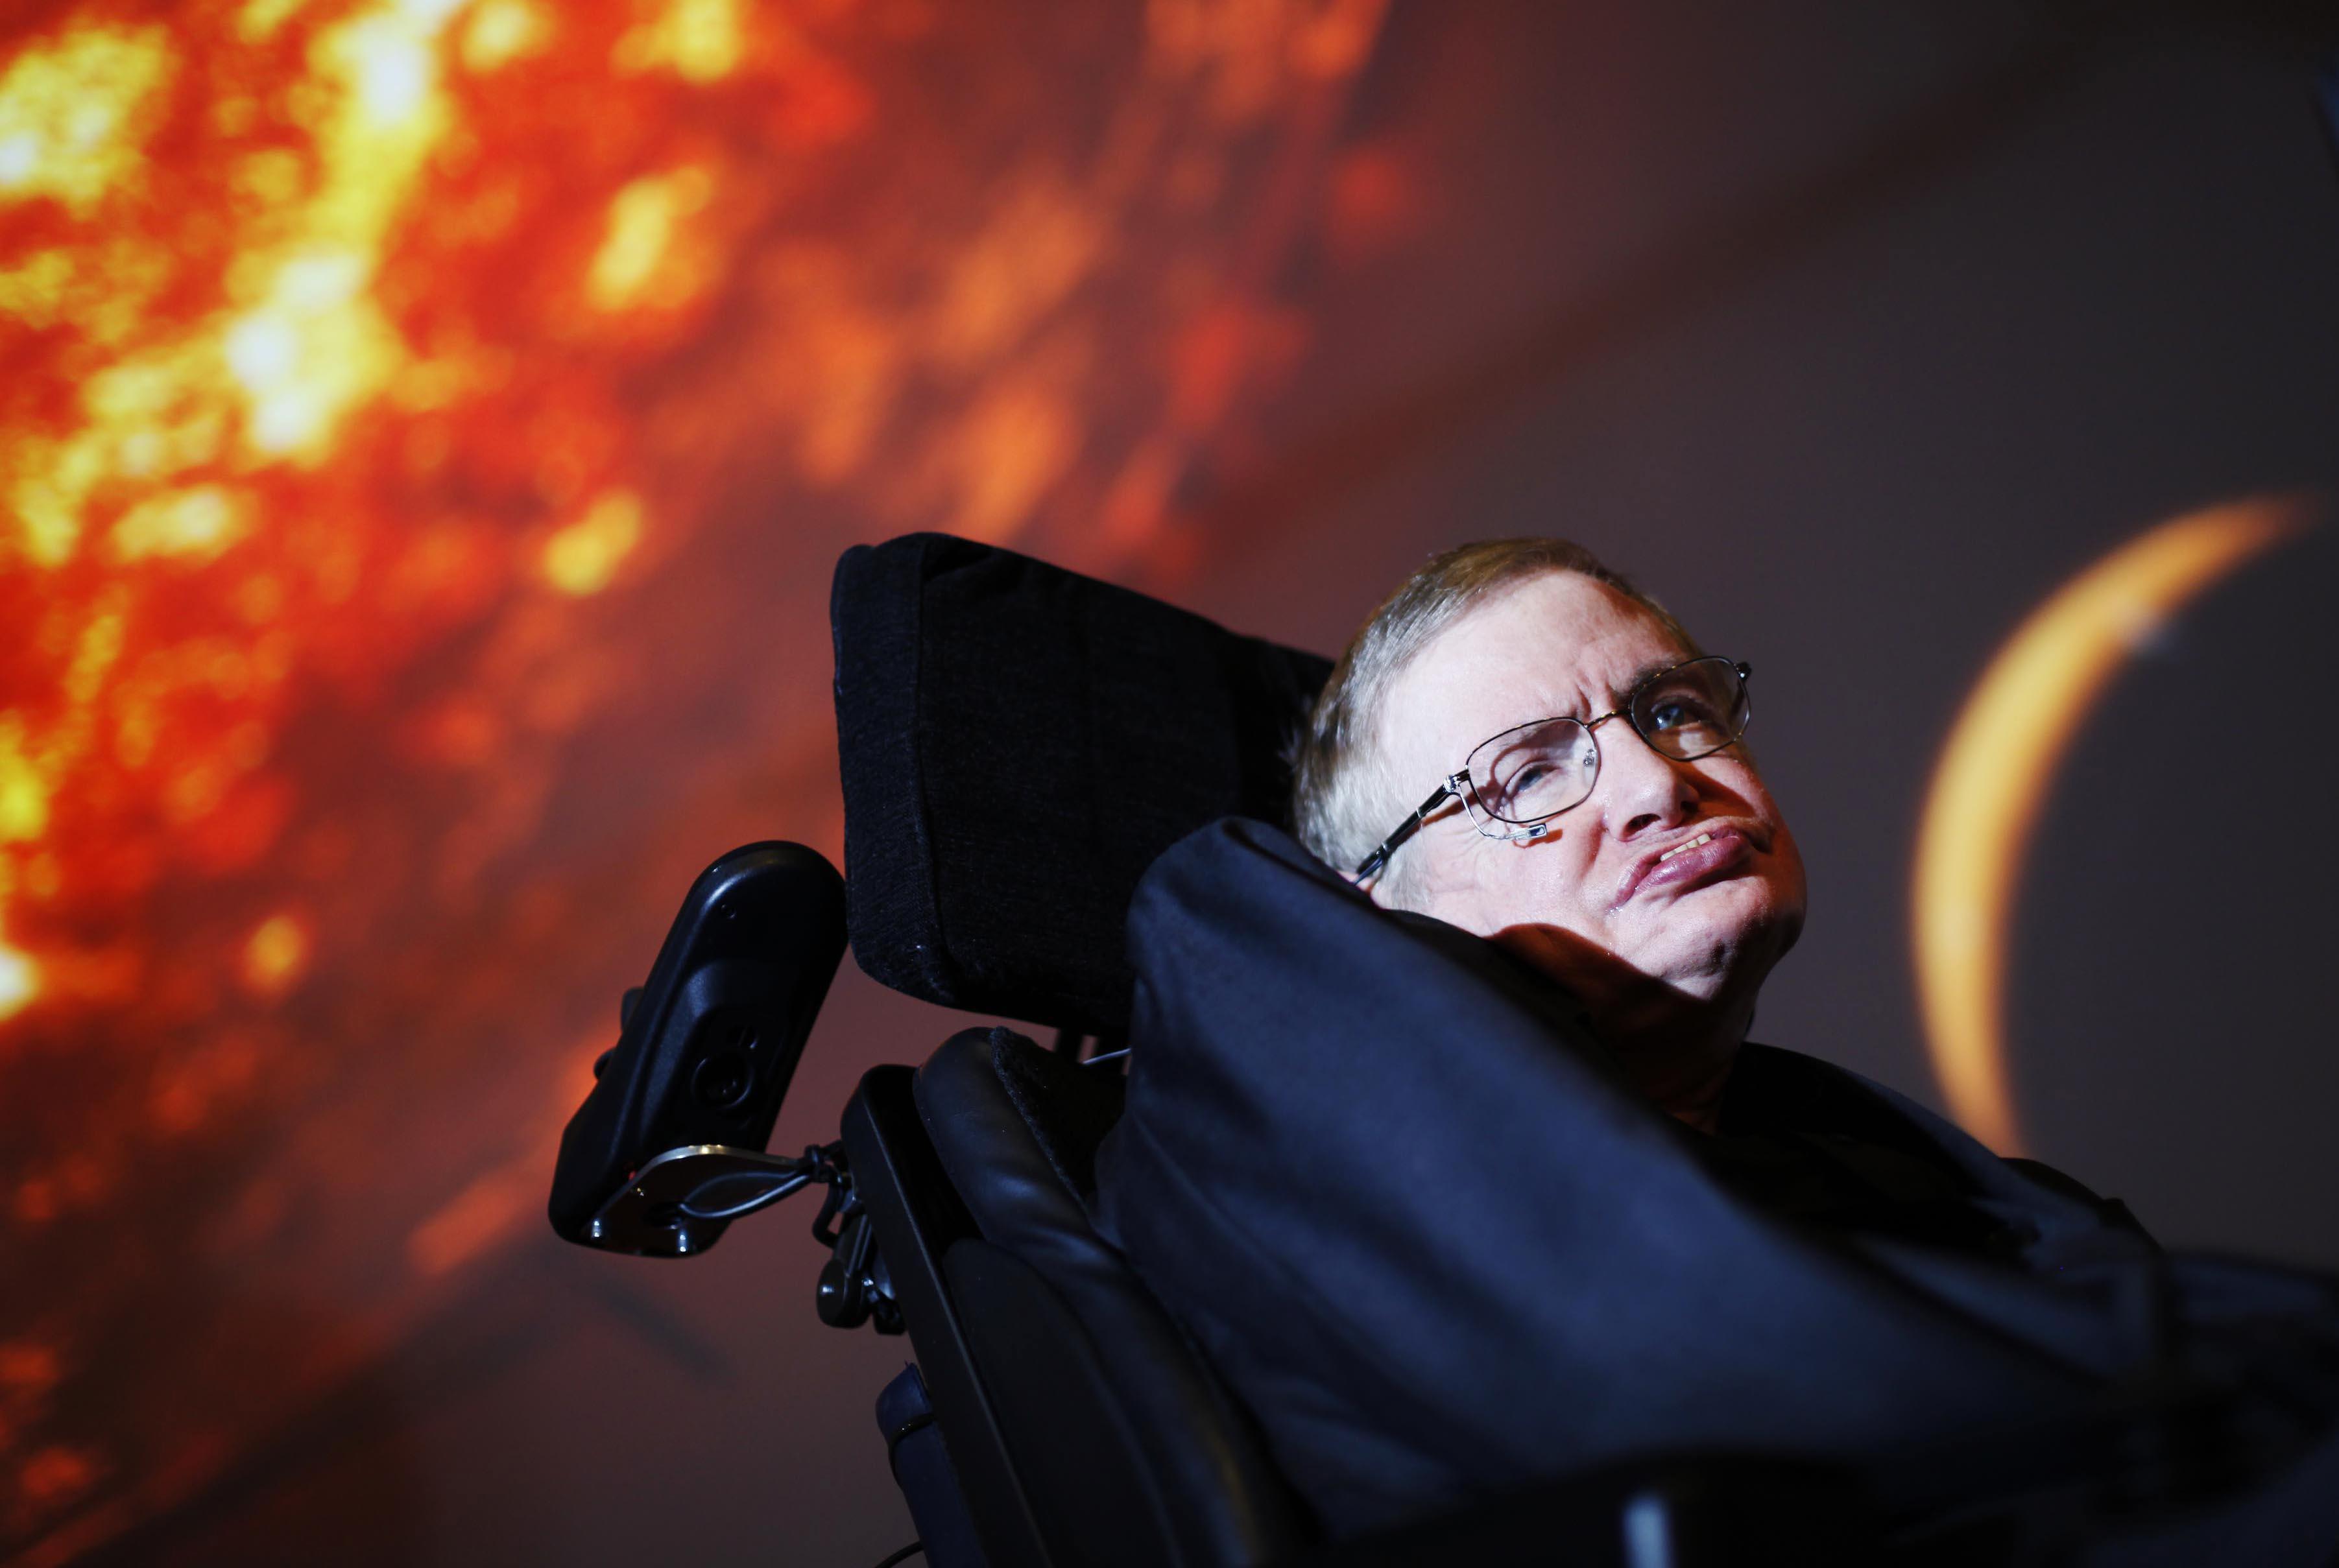 Hawking na NASA década de 1980 Nome completo Stephen William Hawking Nascimento 8 de janeiro de 1942 1 Oxford Oxfordshire Morte 14 de março de 2018 76 anos